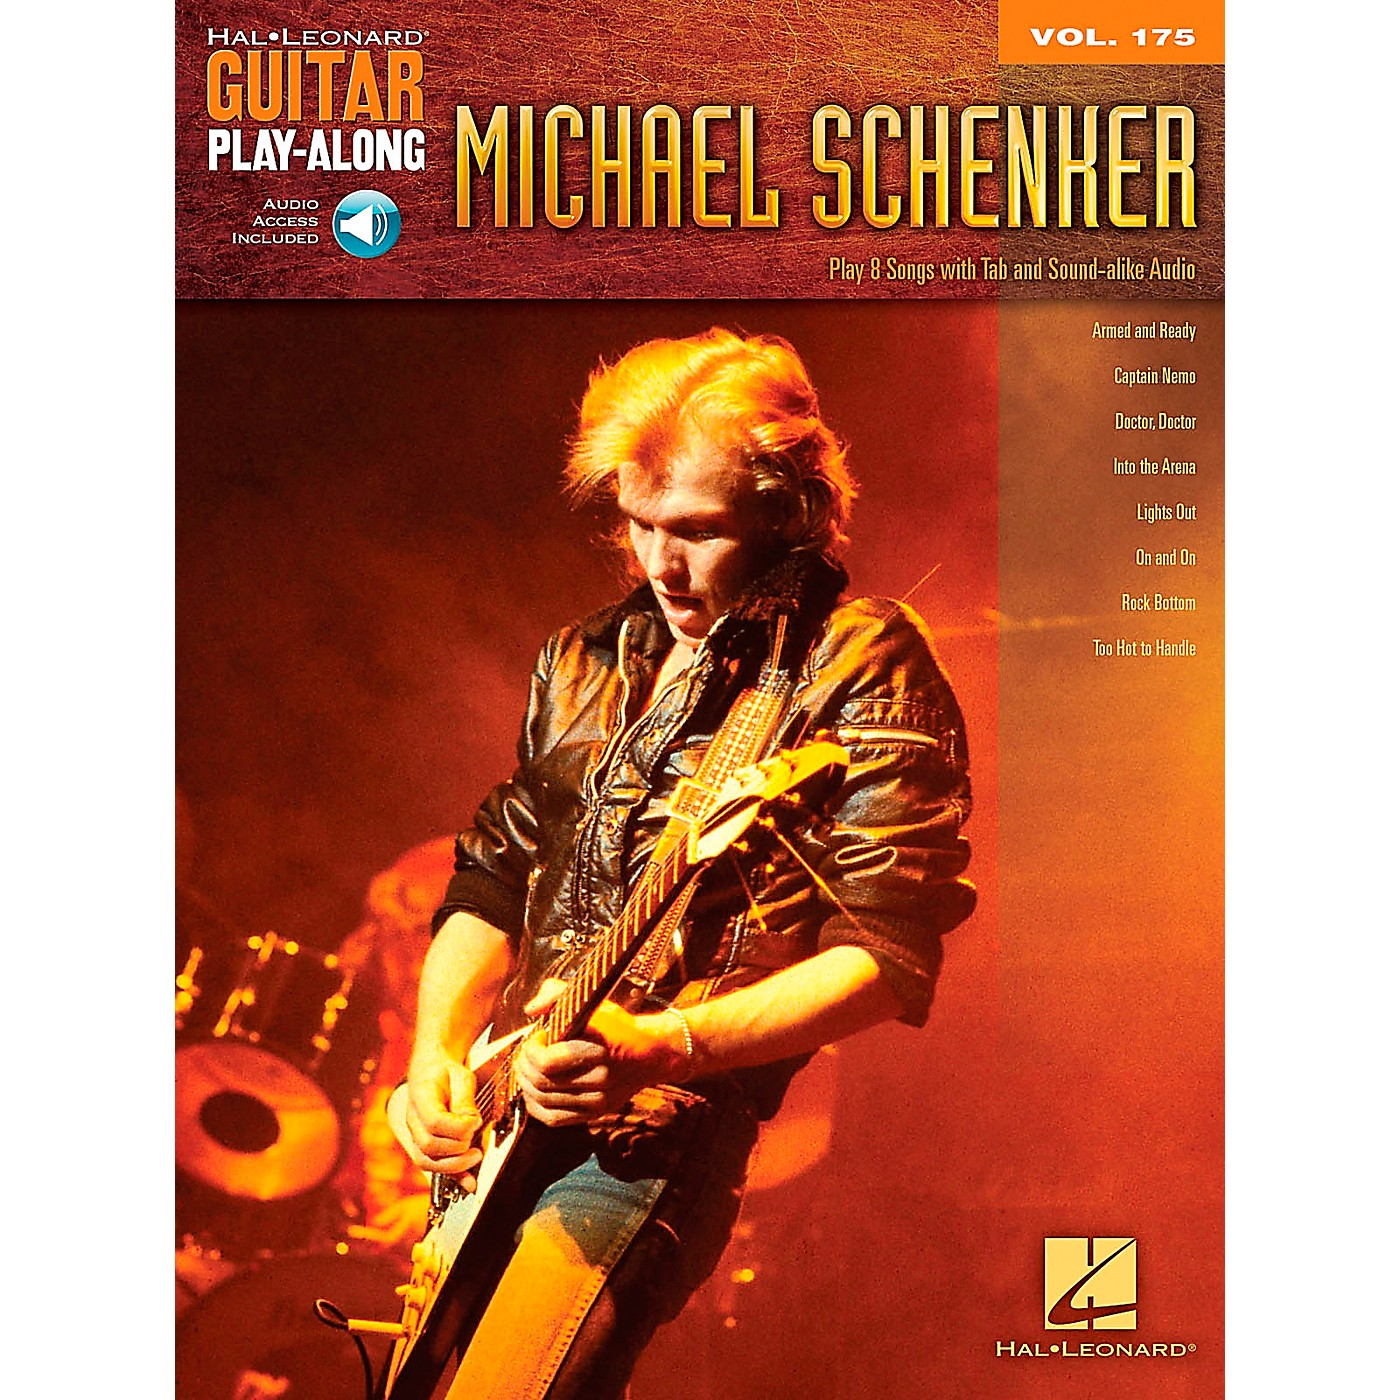 Hal Leonard Michael Schenker - Guitar Play-Along Vol. 175 Book/CD thumbnail